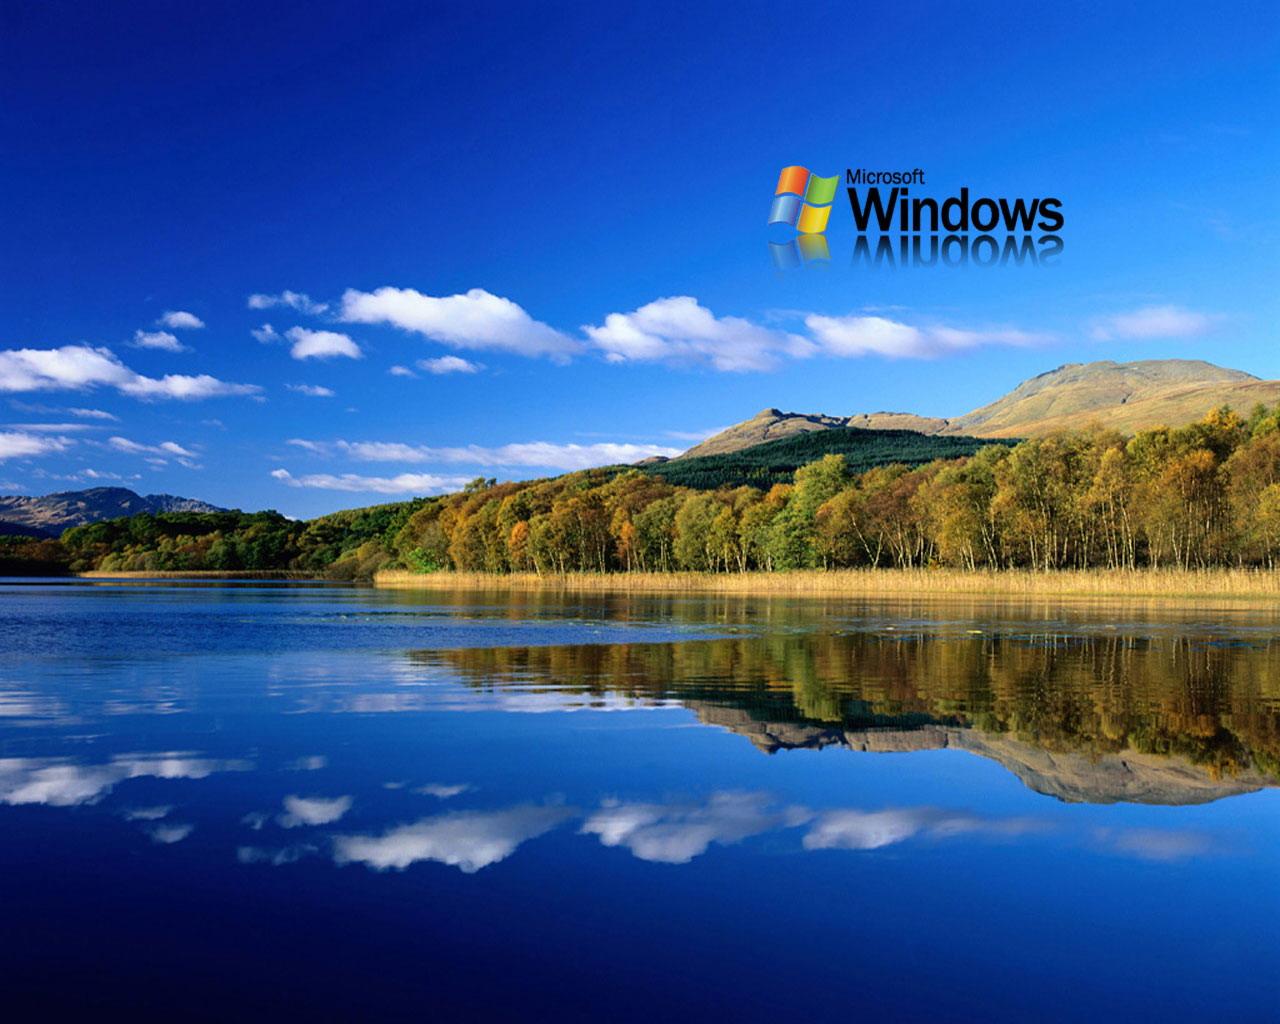 http://4.bp.blogspot.com/--mtW3Pk0V08/T-VMIBWqOEI/AAAAAAAAB4k/WdqxJm-GDvQ/s1600/microsoft+windows+fondo.jpeg